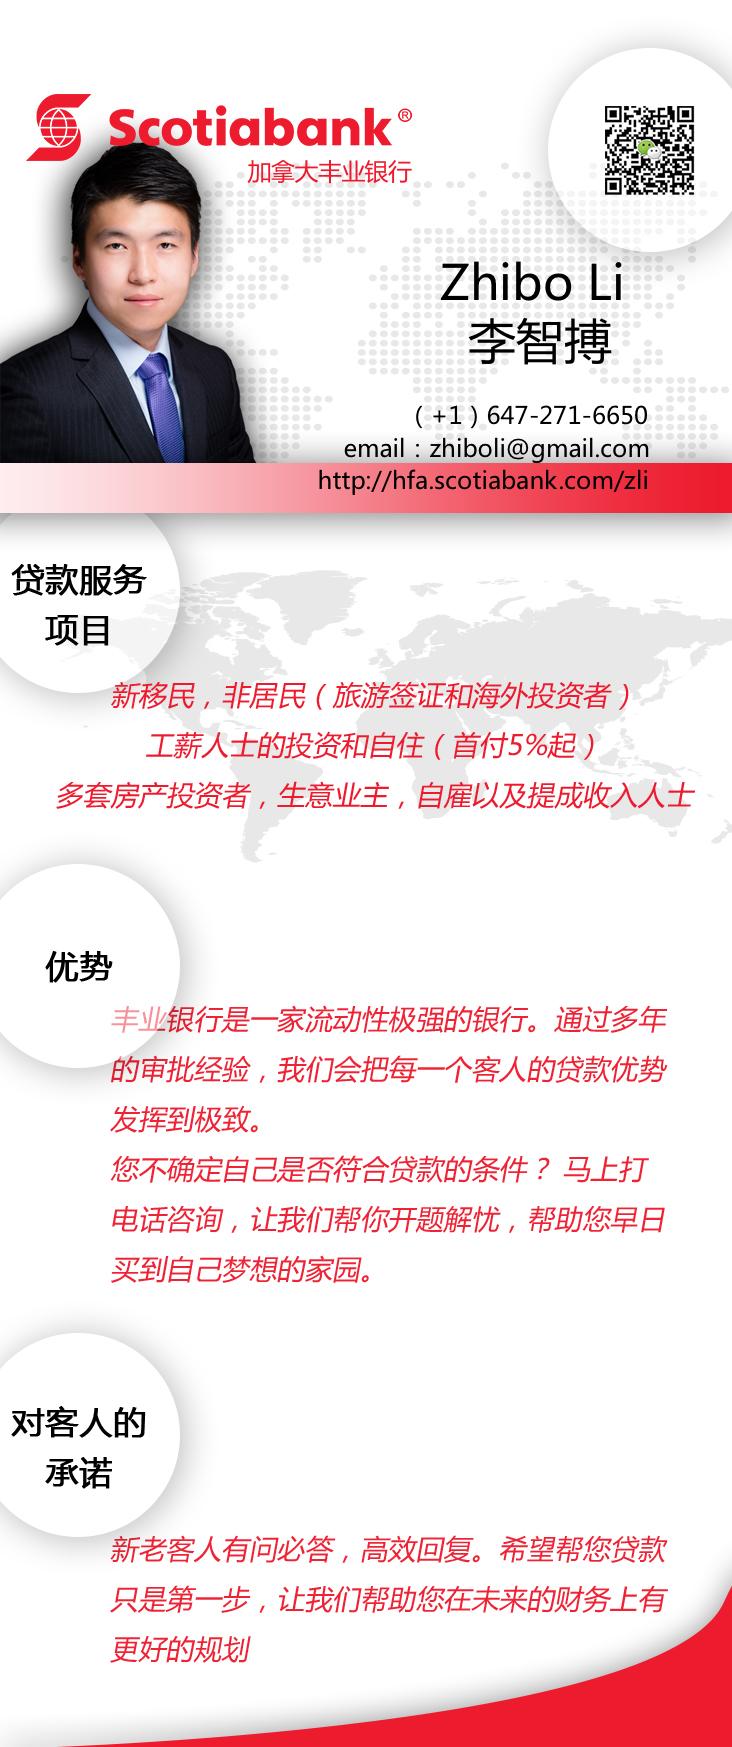 李智搏 ehouse411 新移民 非居民 贷款